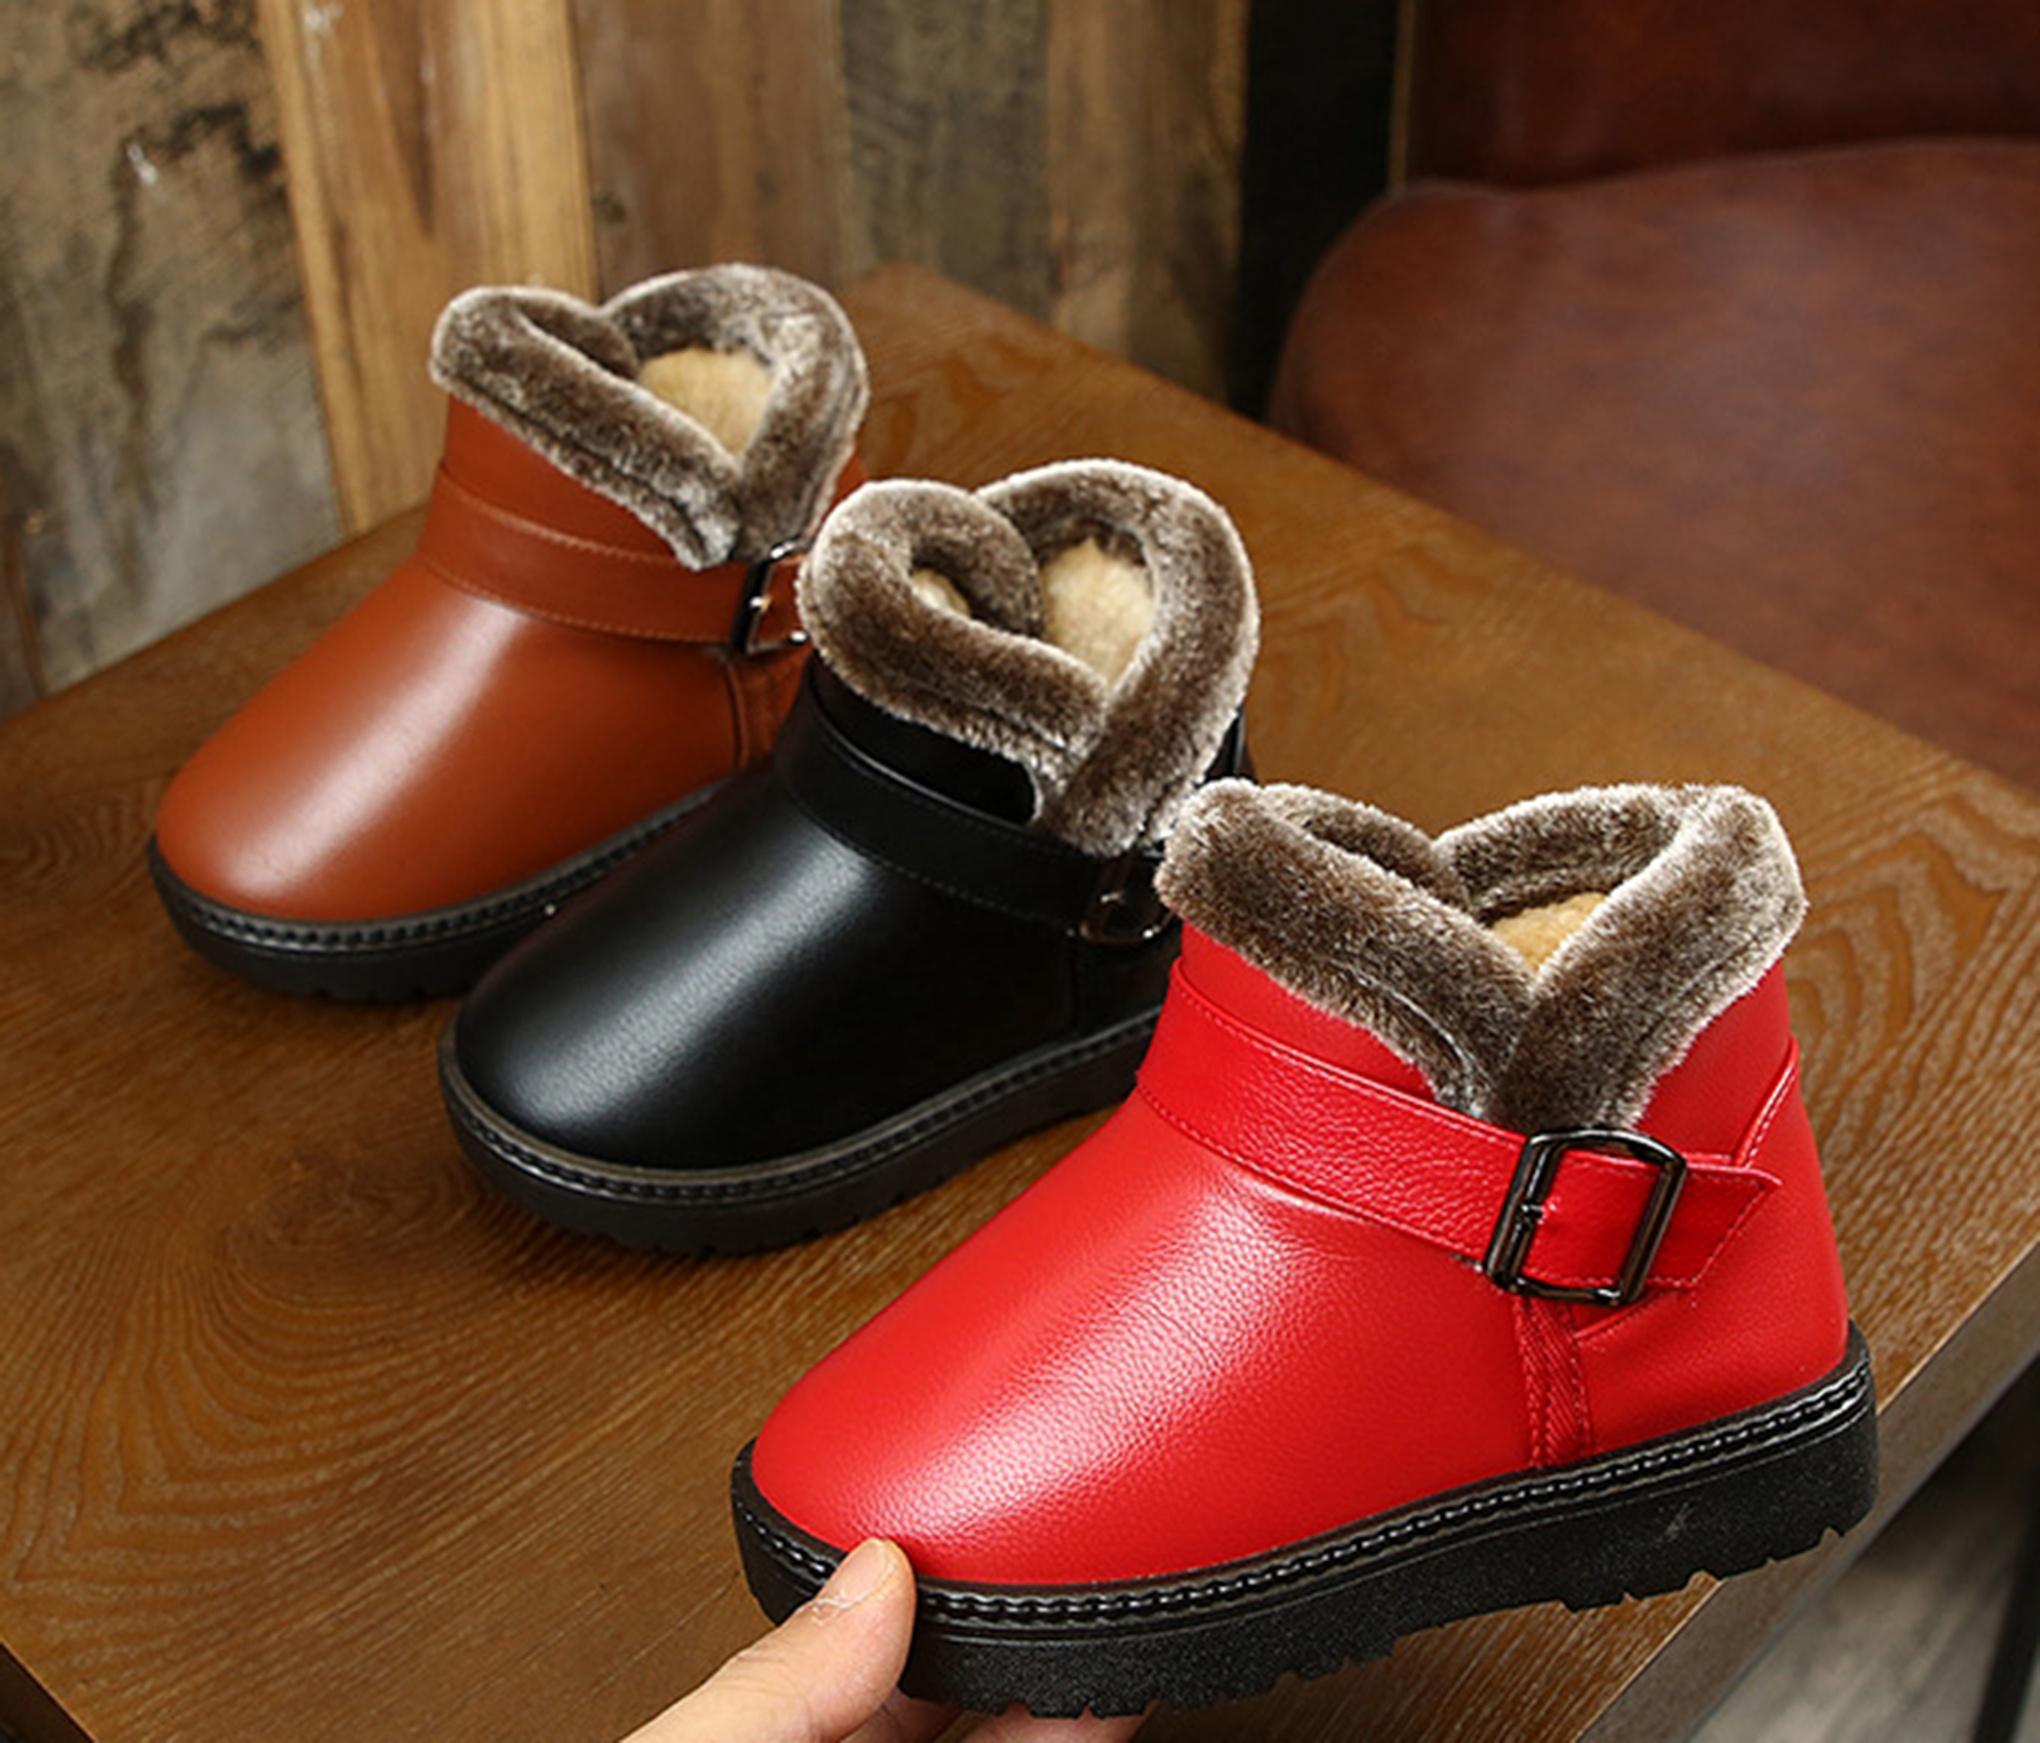 Trova le migliori stivali di gomma con pelo dentro